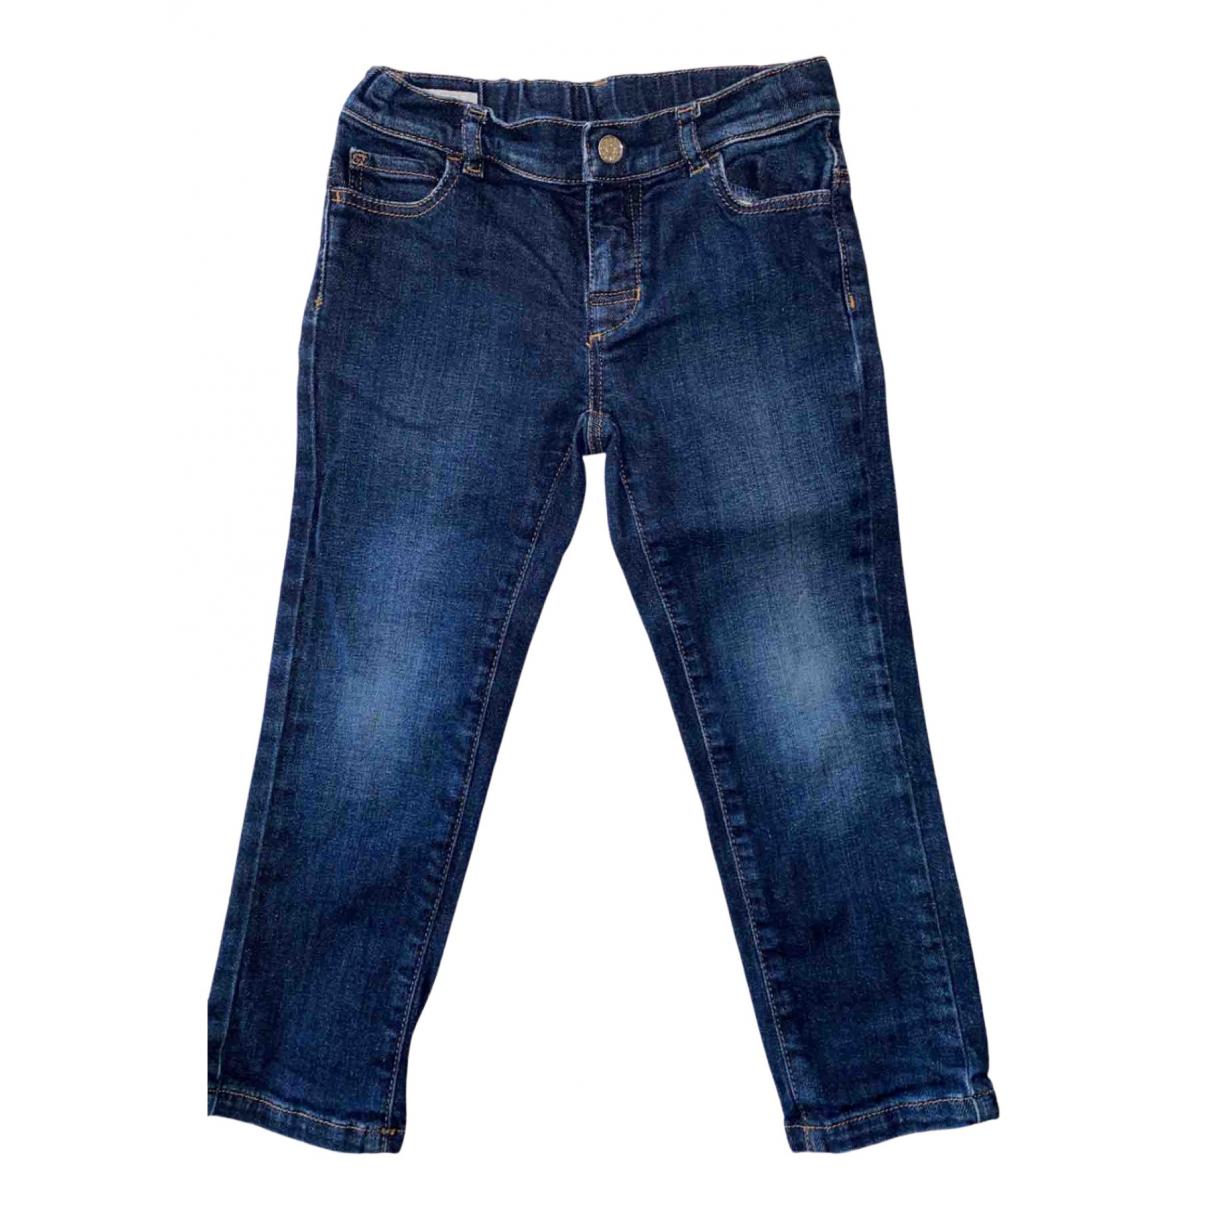 Gucci - Pantalon   pour enfant en denim - marine